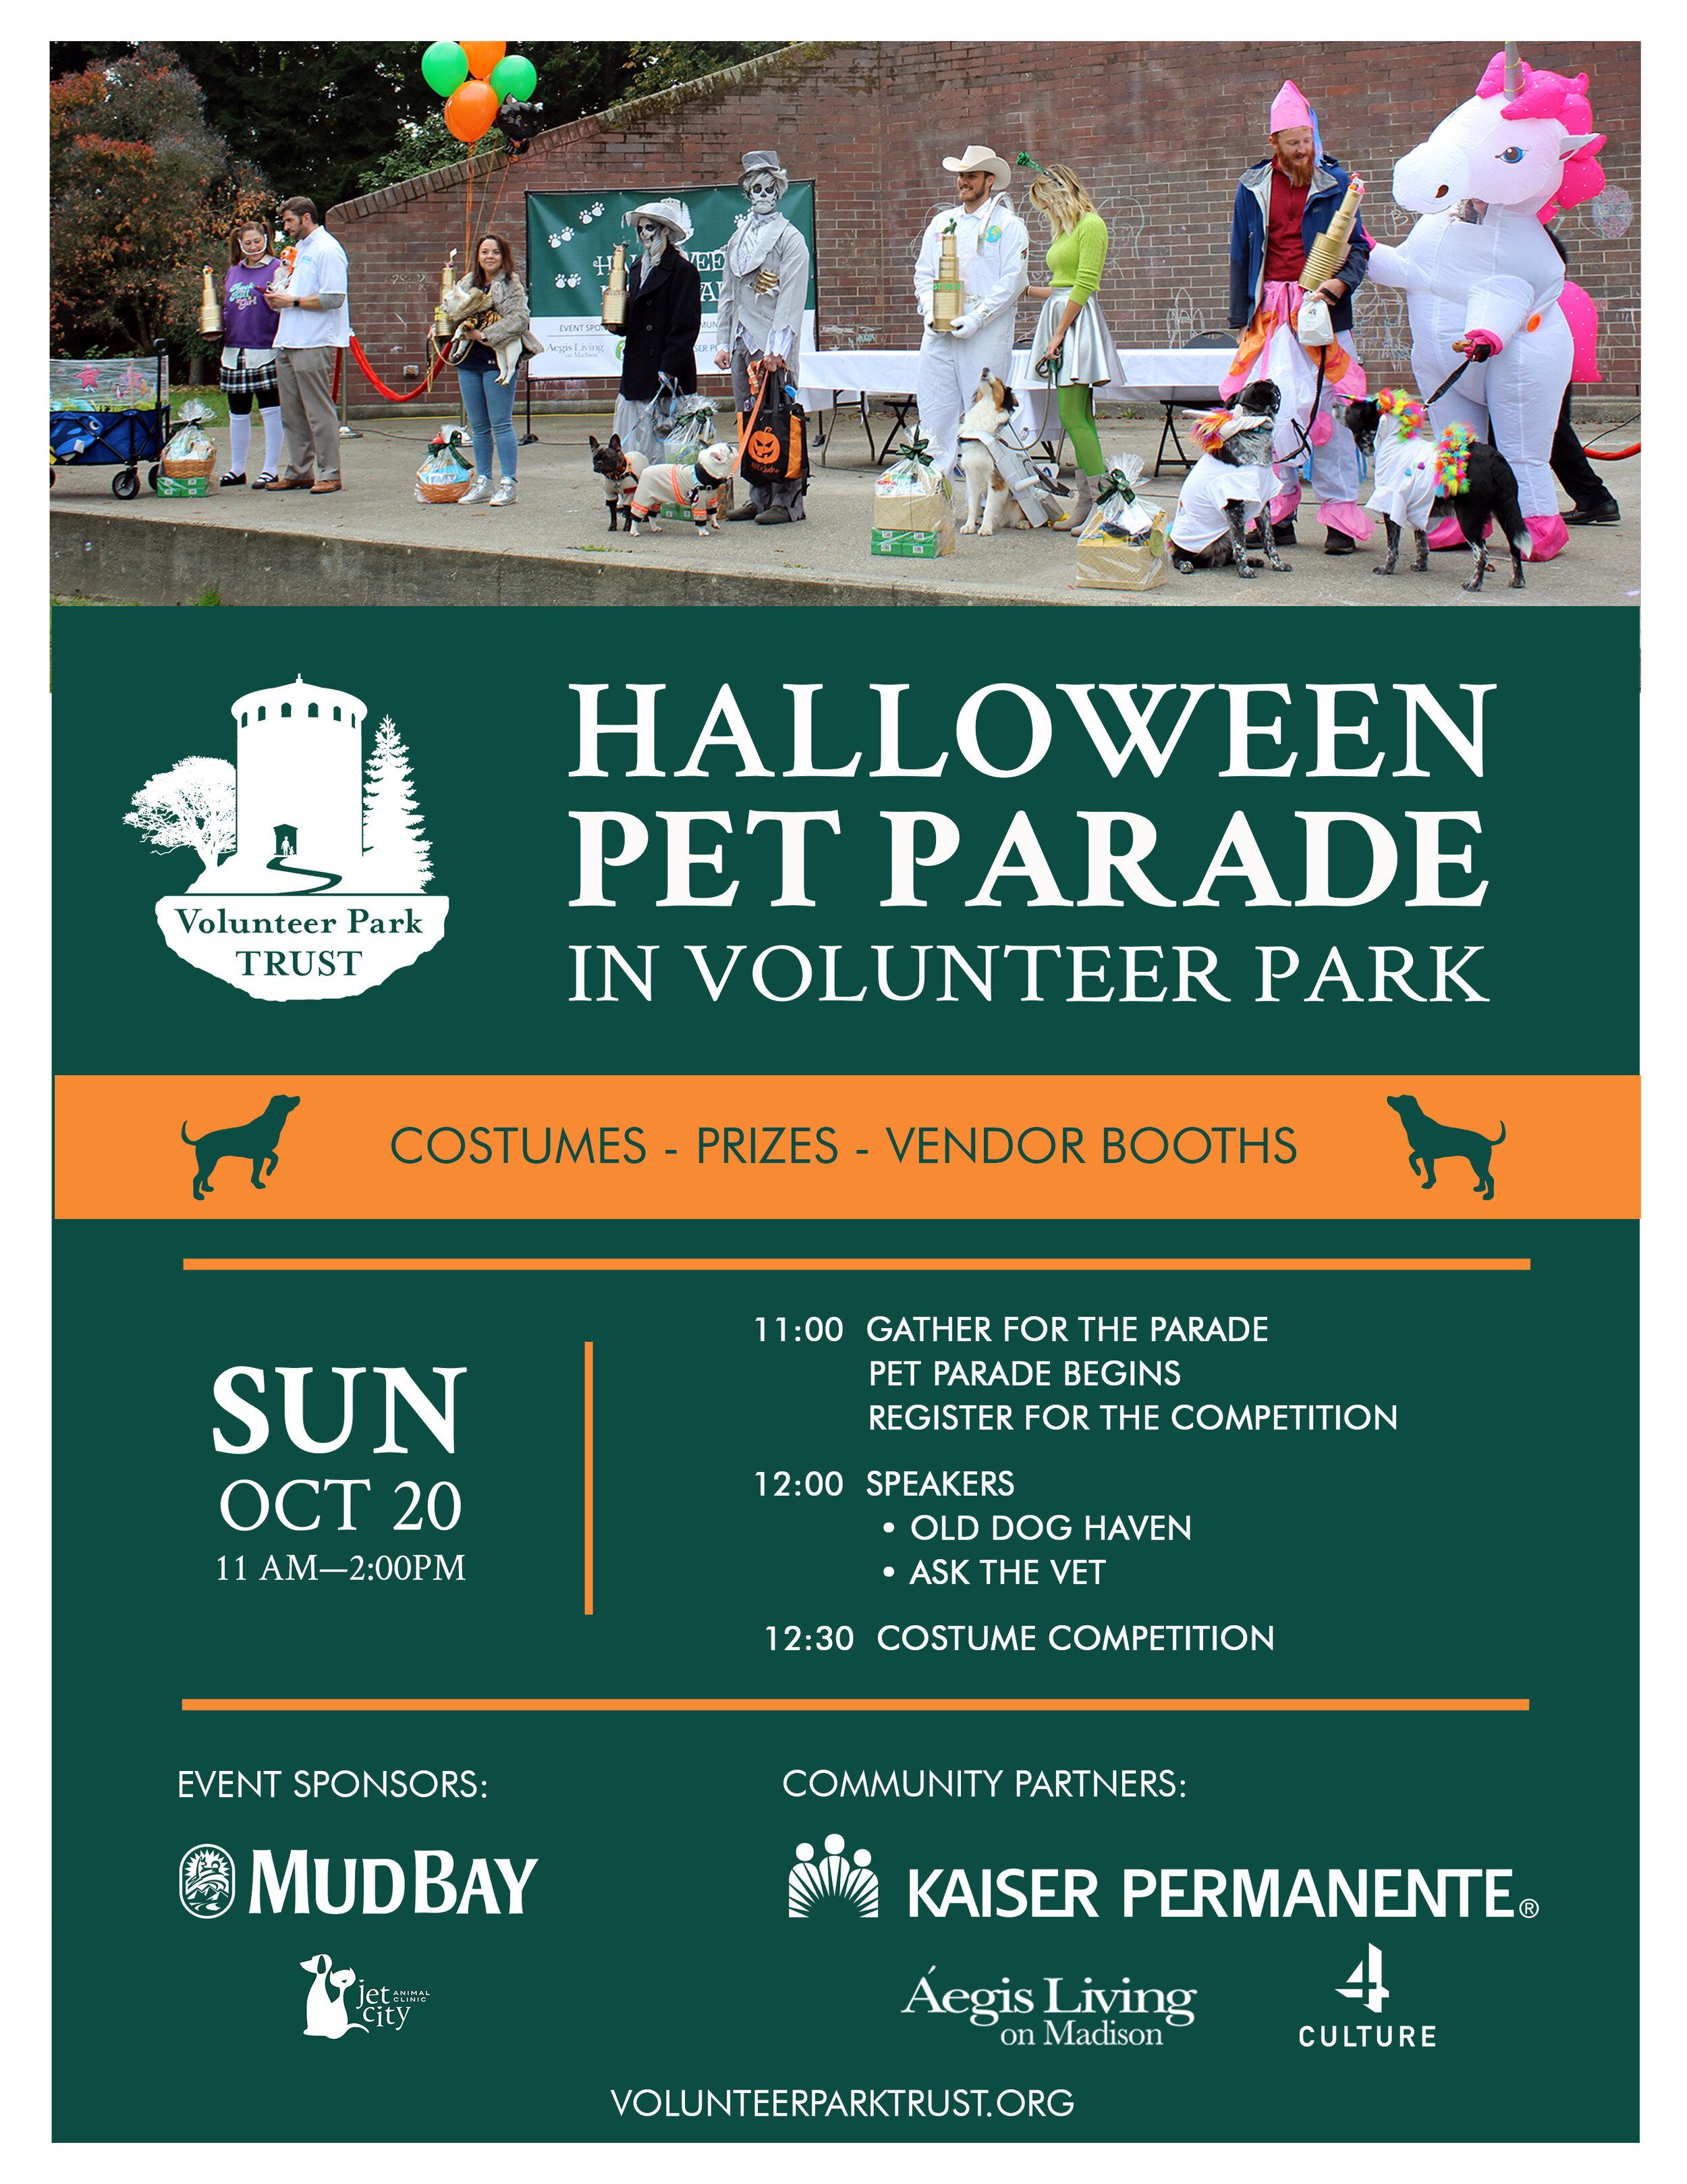 2019 Halloween Pet Parade POSTER.jpg